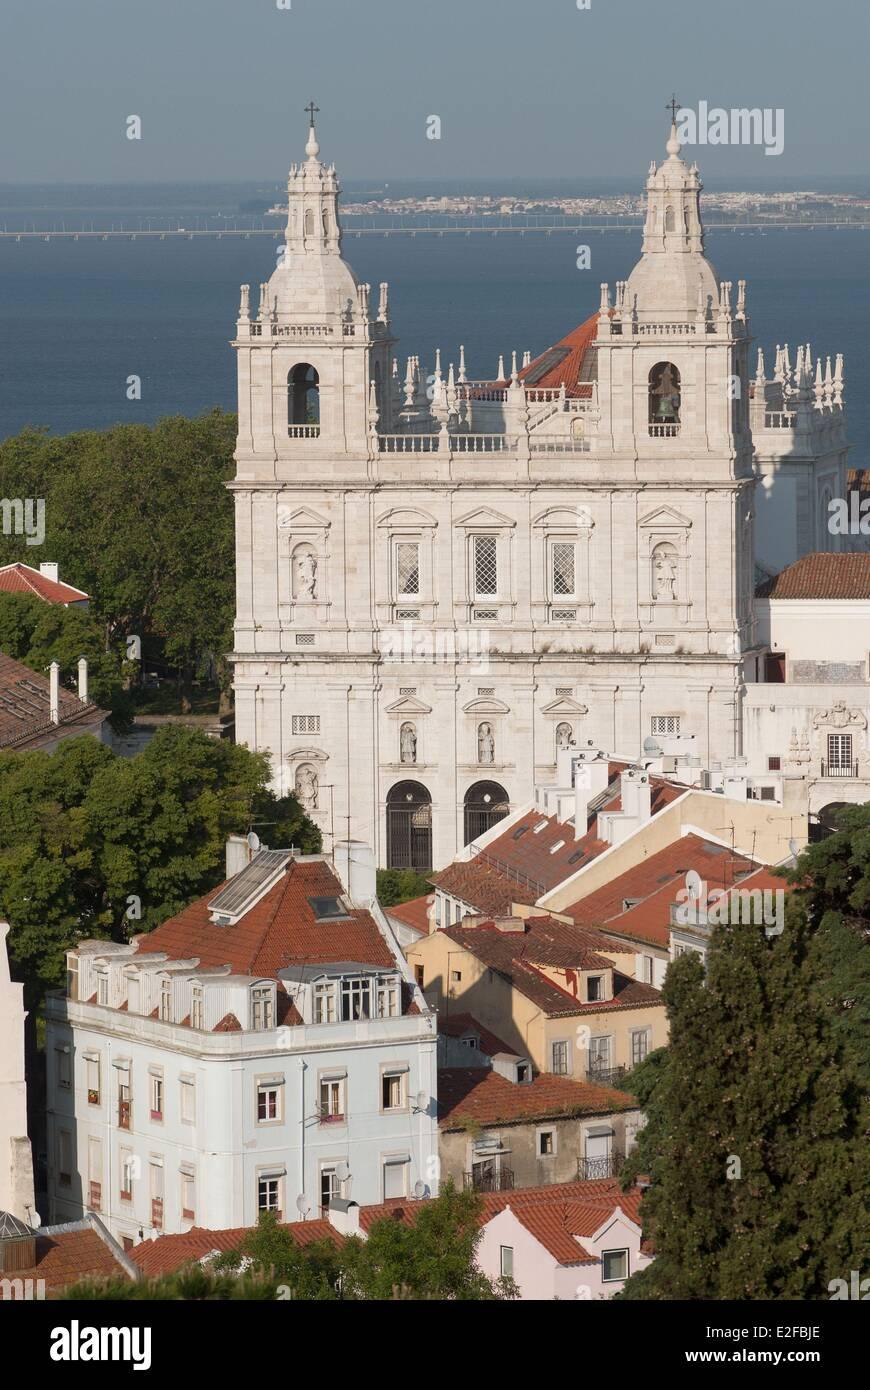 Monastère De Saint-vincent De Fora : monastère, saint-vincent, Monastère, Vincent, Banque, D'image, Photos, Alamy